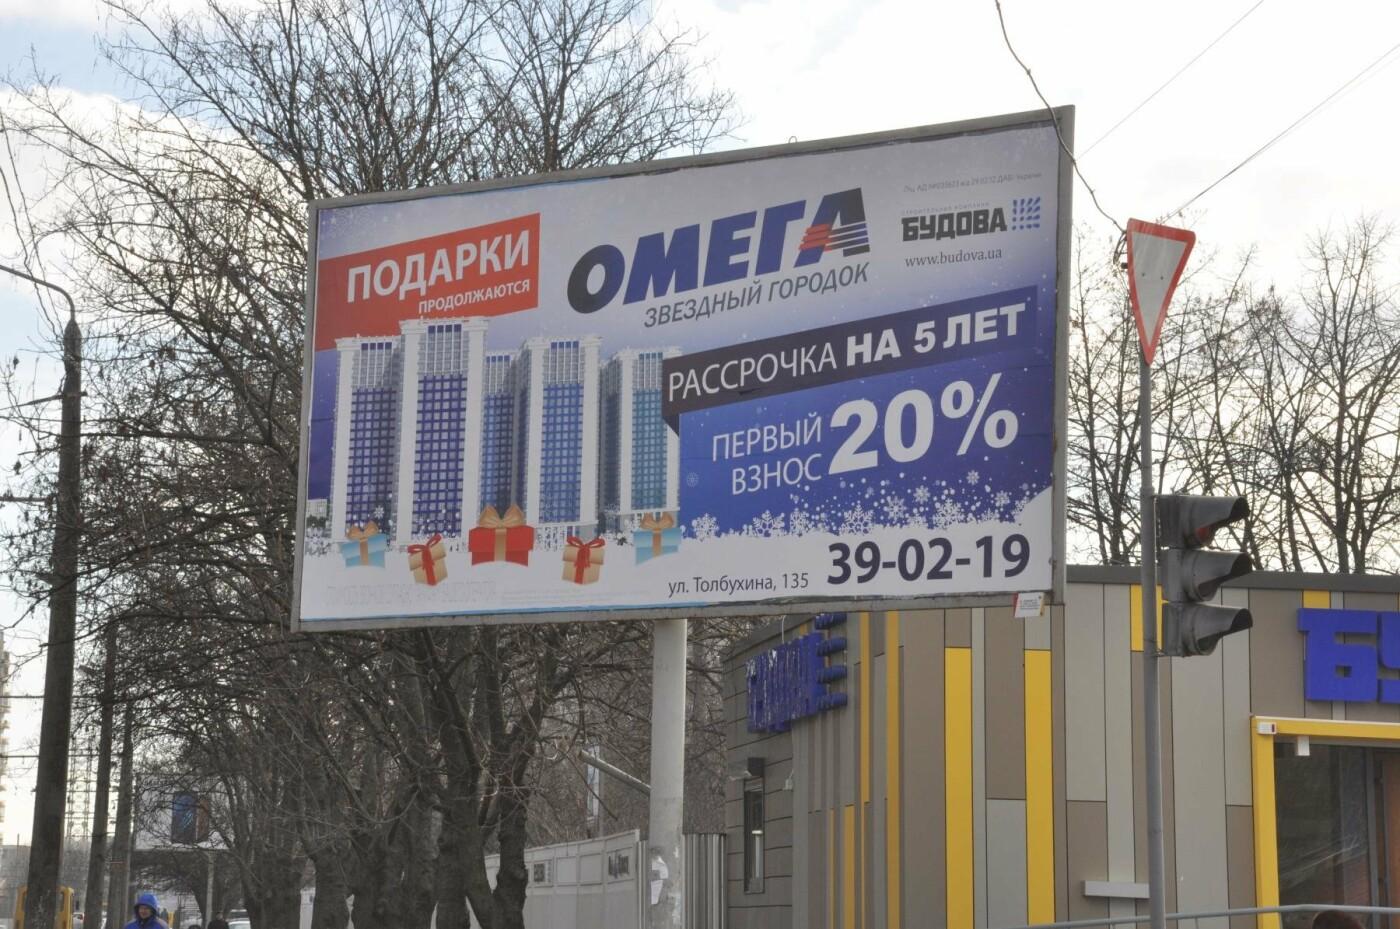 Запрещенная стройка: Что вытворяет в Одессе Галантерник (ФОТО, ВИДЕО), фото-3